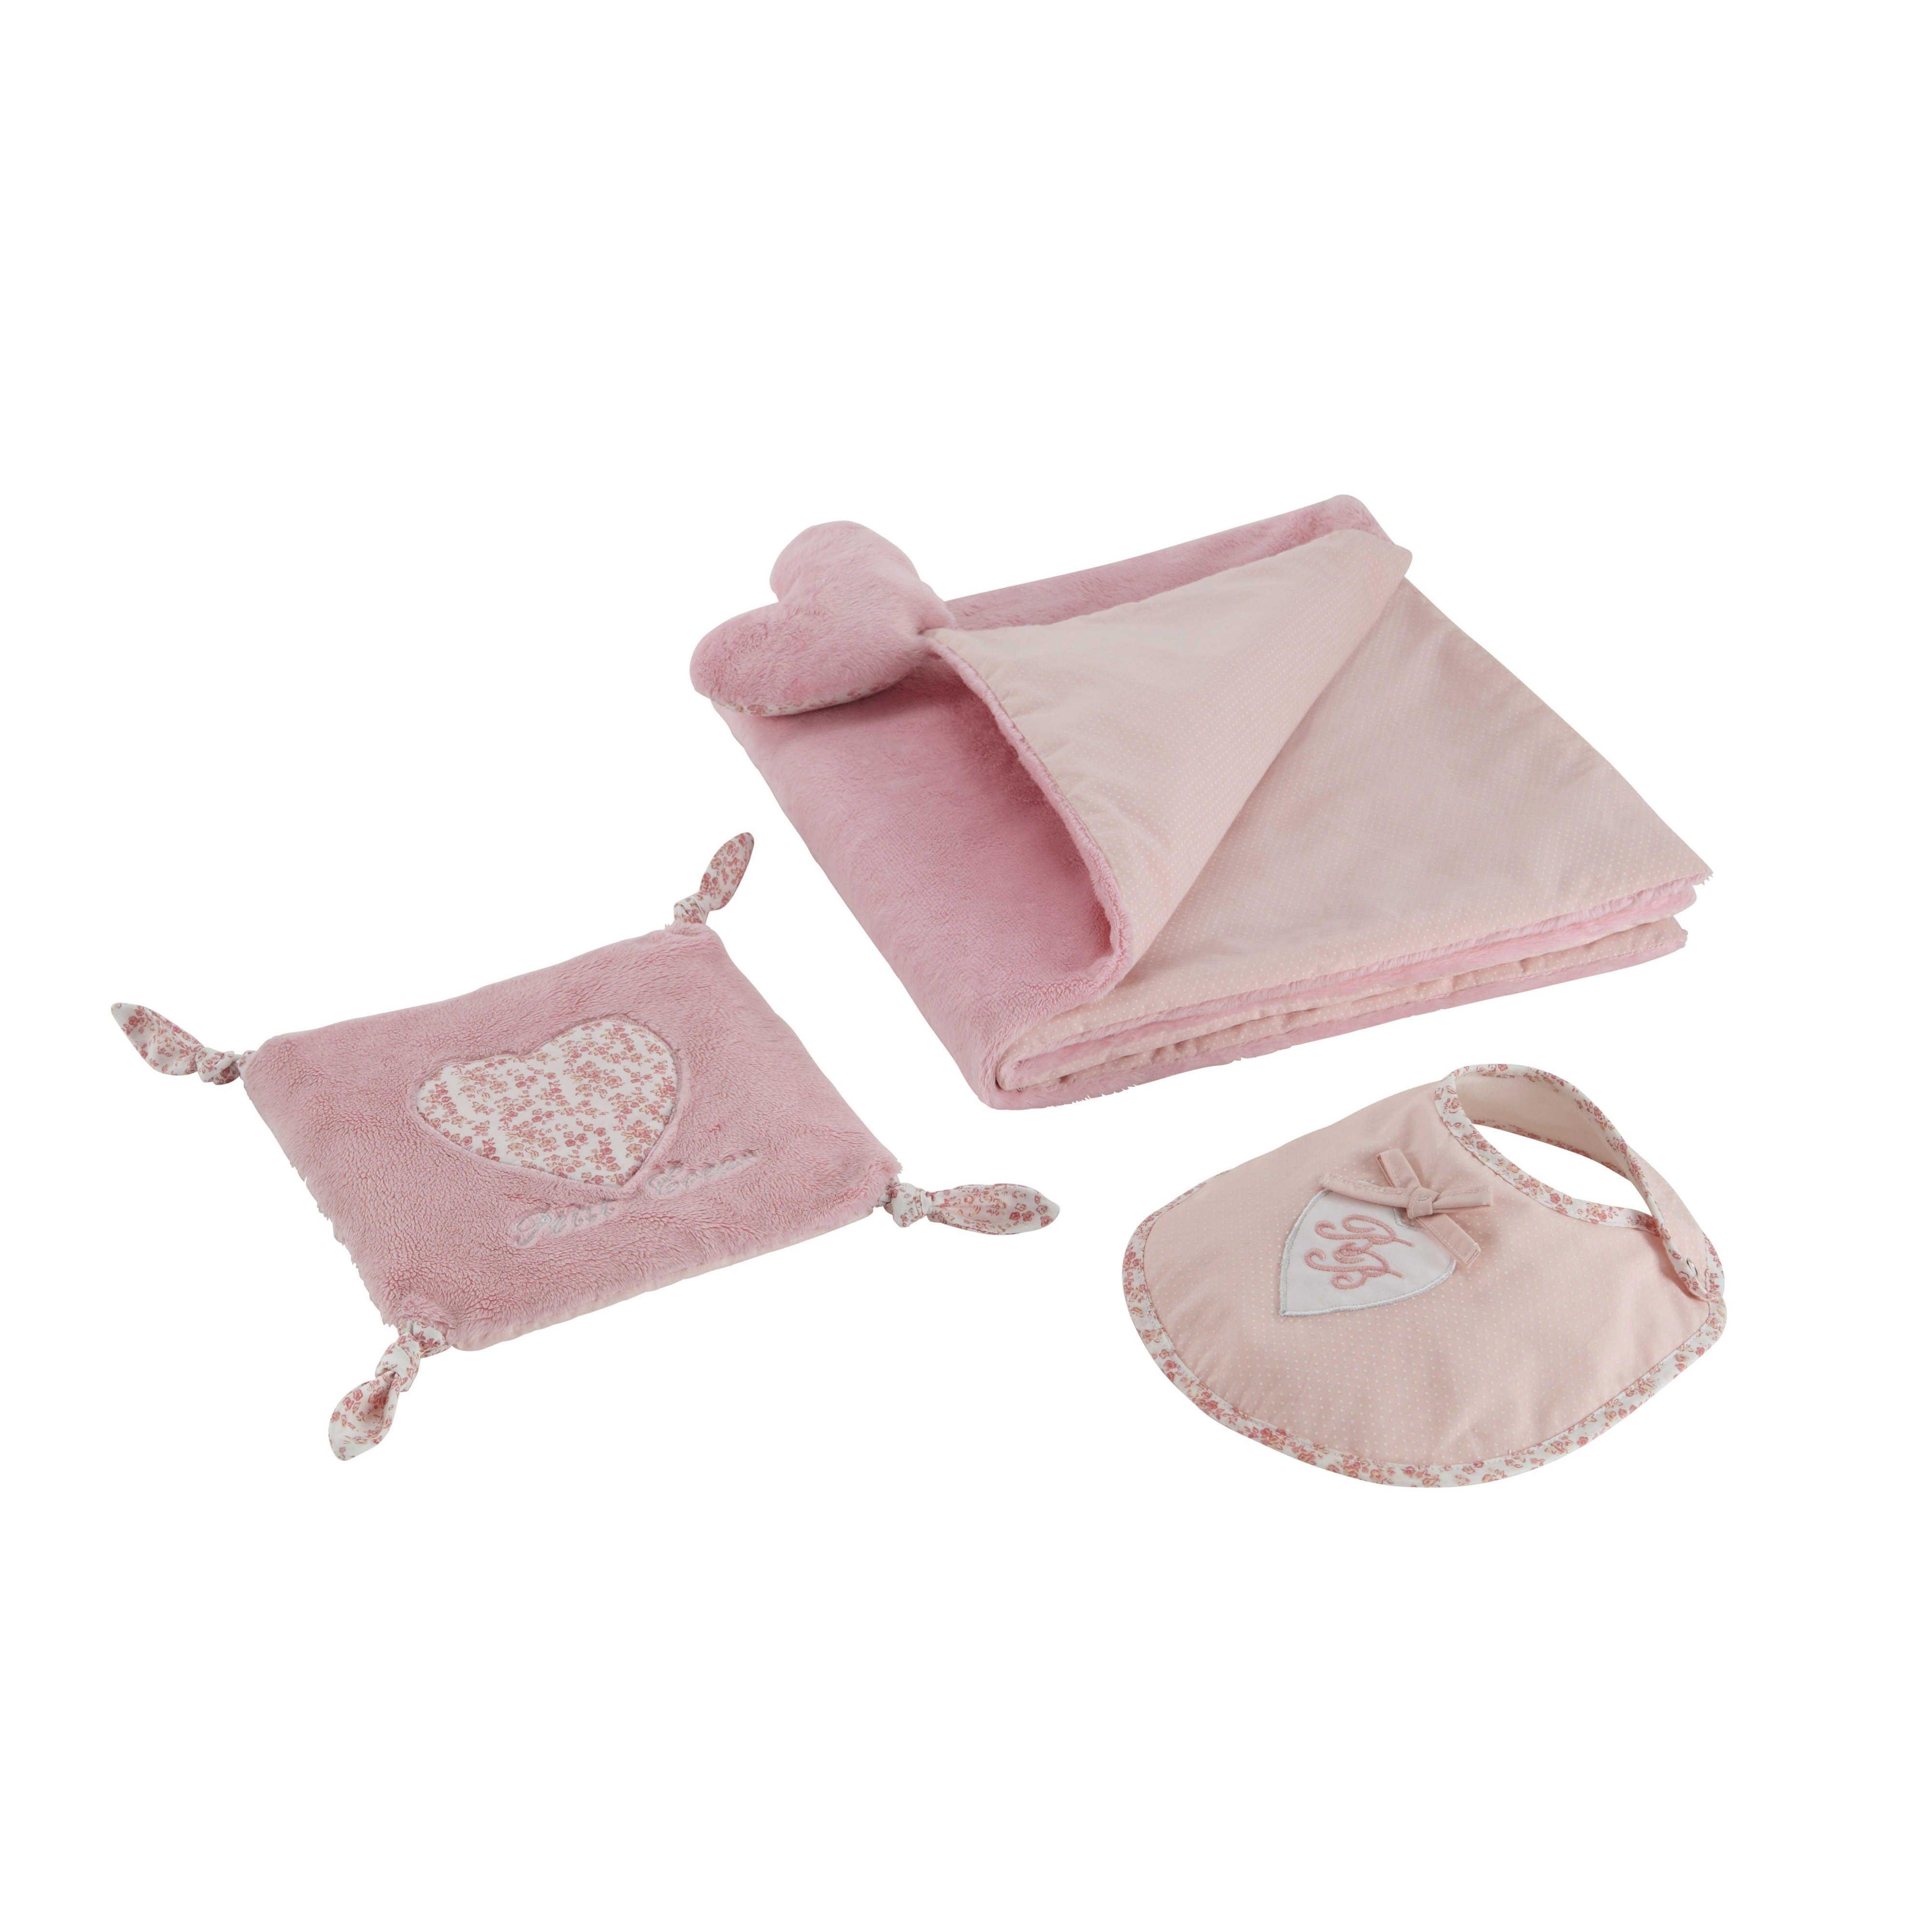 coffret cadeau naissance motif c urs rose victorine maisons du monde pinterest coffret. Black Bedroom Furniture Sets. Home Design Ideas